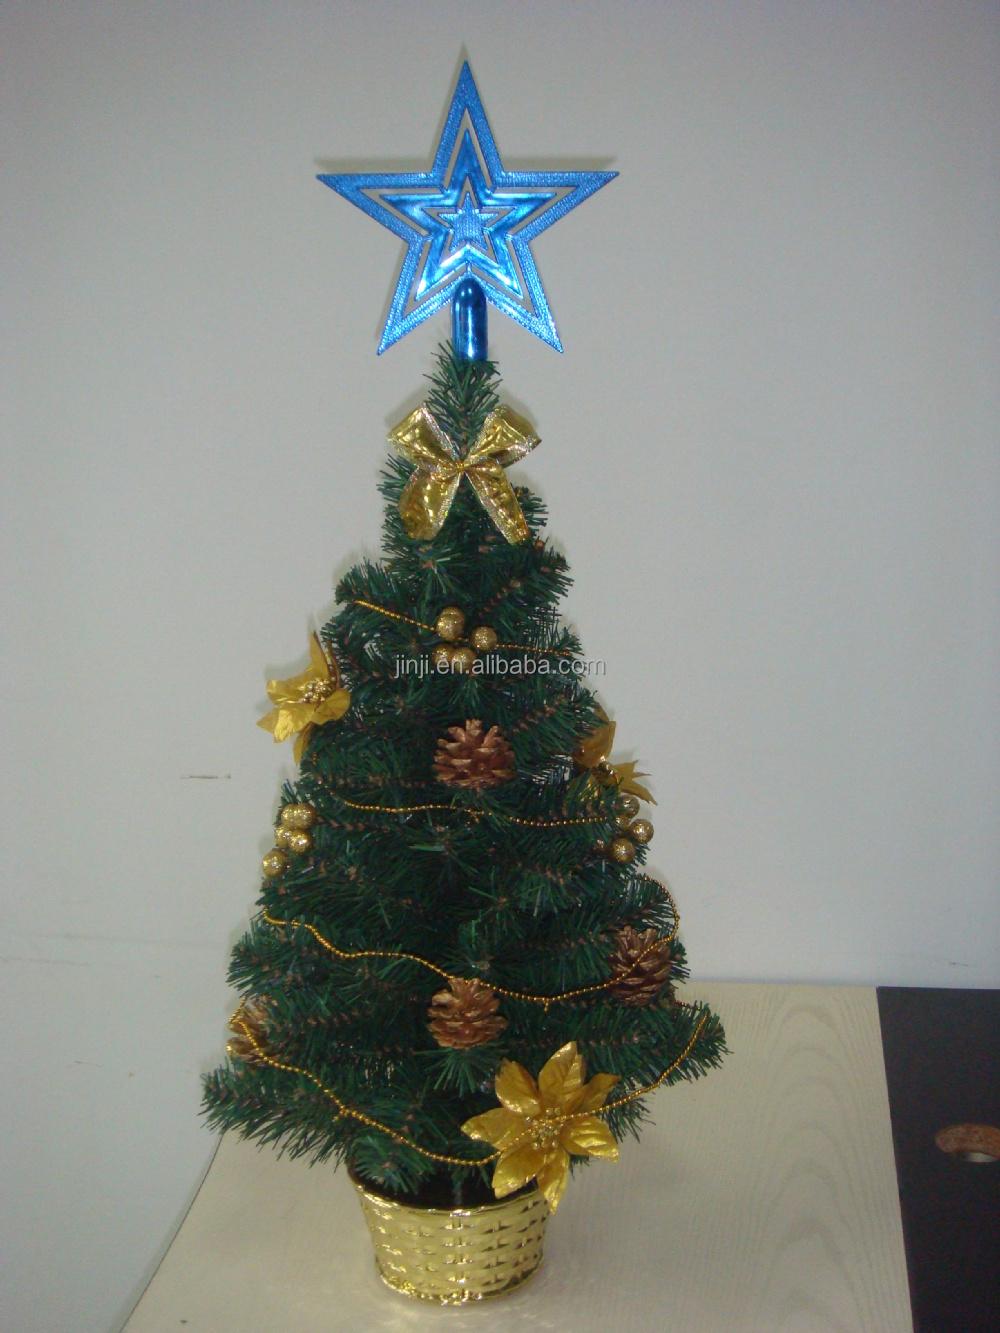 Mini pvc artificielle bureau arbre de no l avec boule toiles cravate arc d coration - Etoile de noel artificielle ...